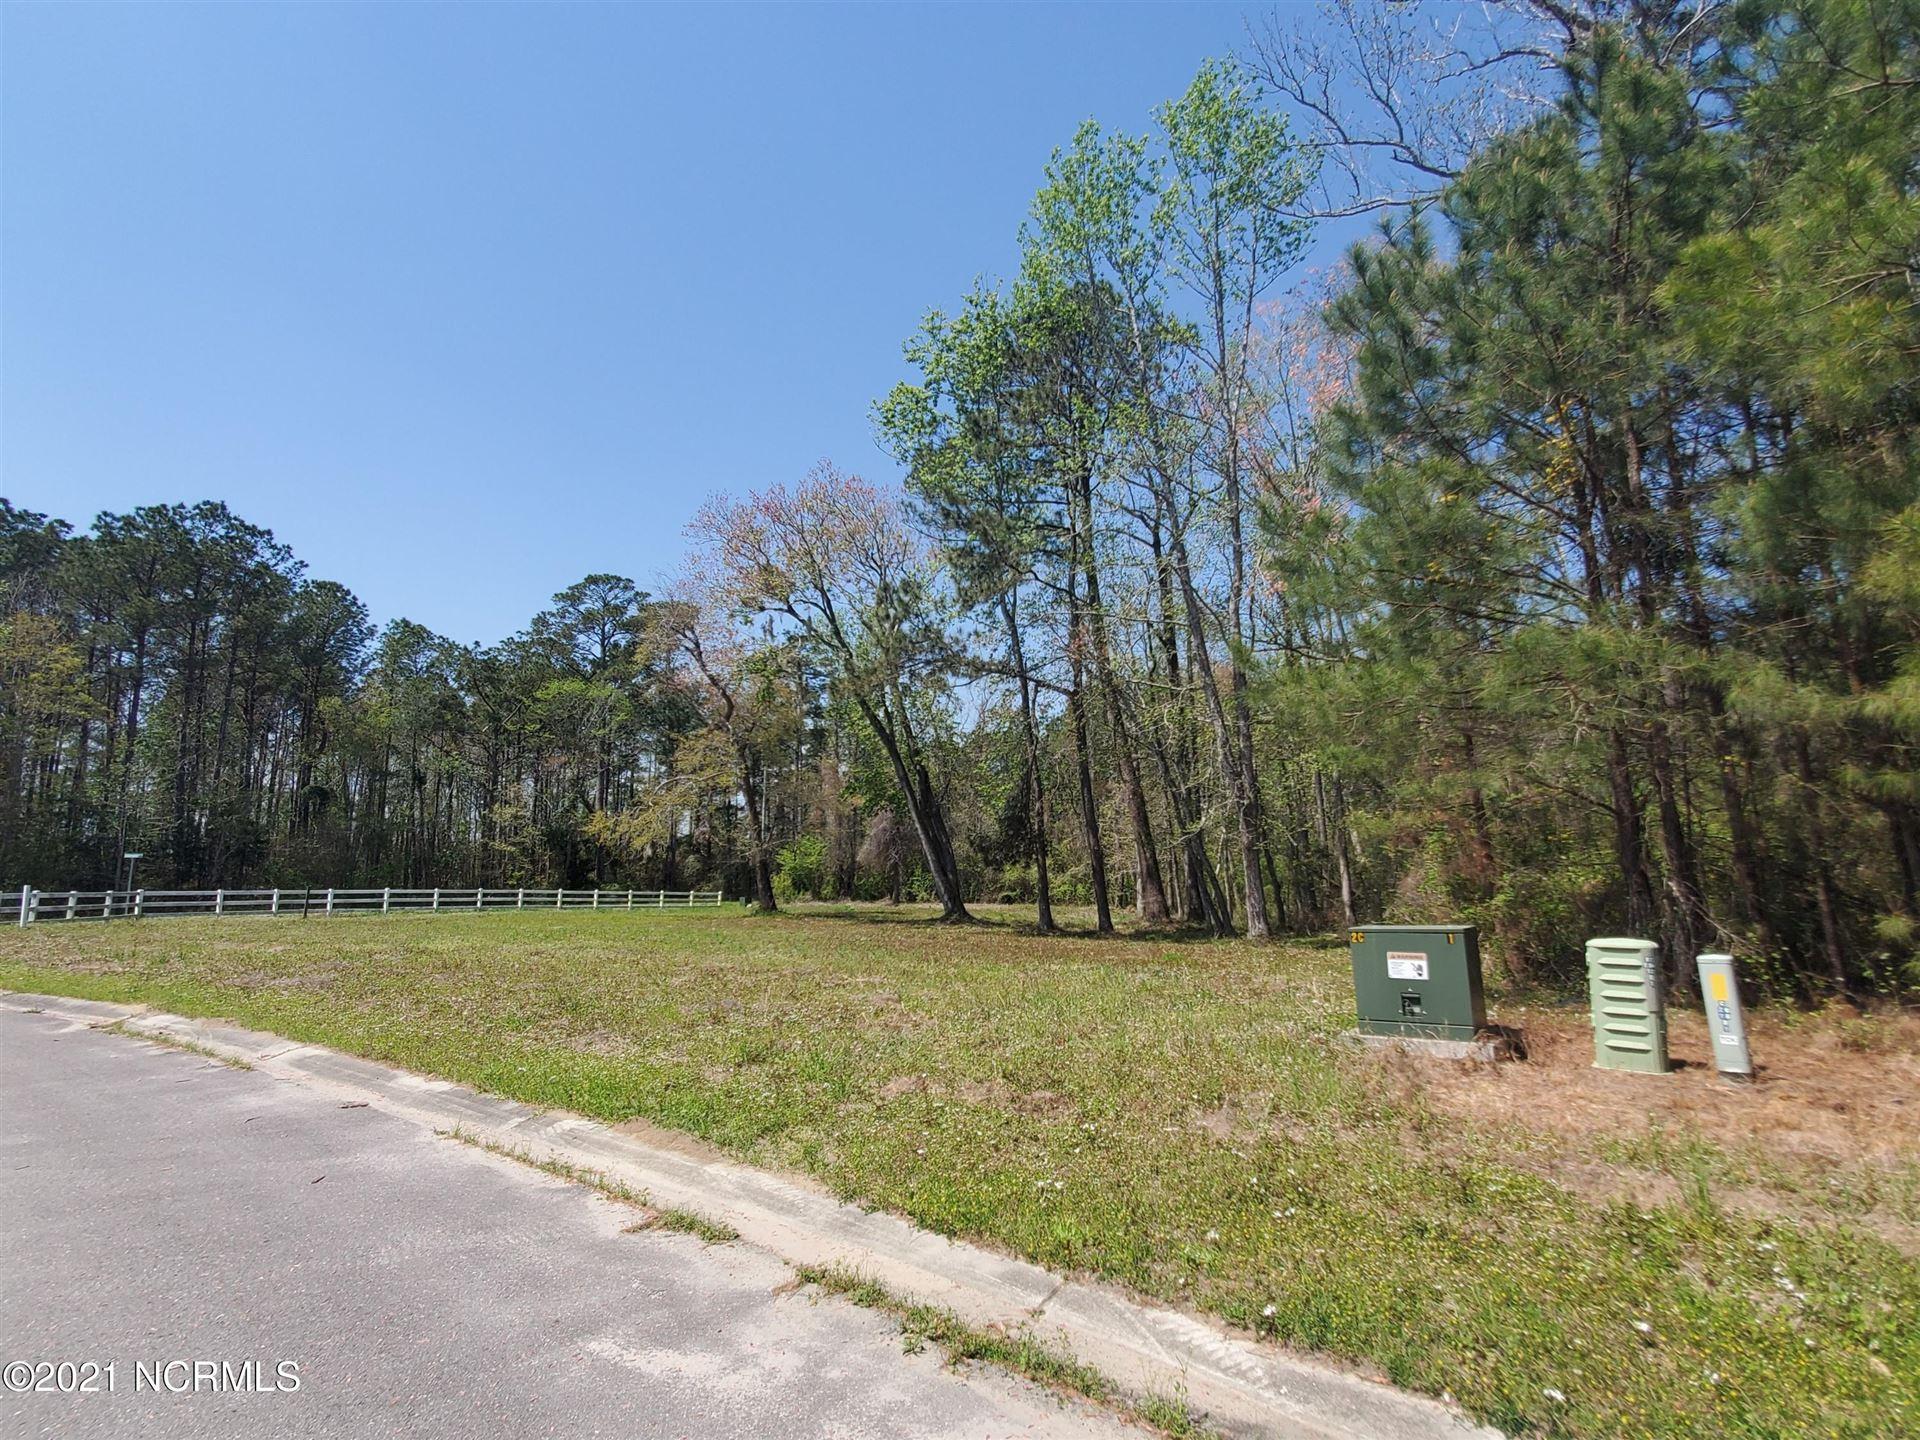 Photo for 404 Timberwind Lane SE, Leland, NC 28451 (MLS # 100265213)